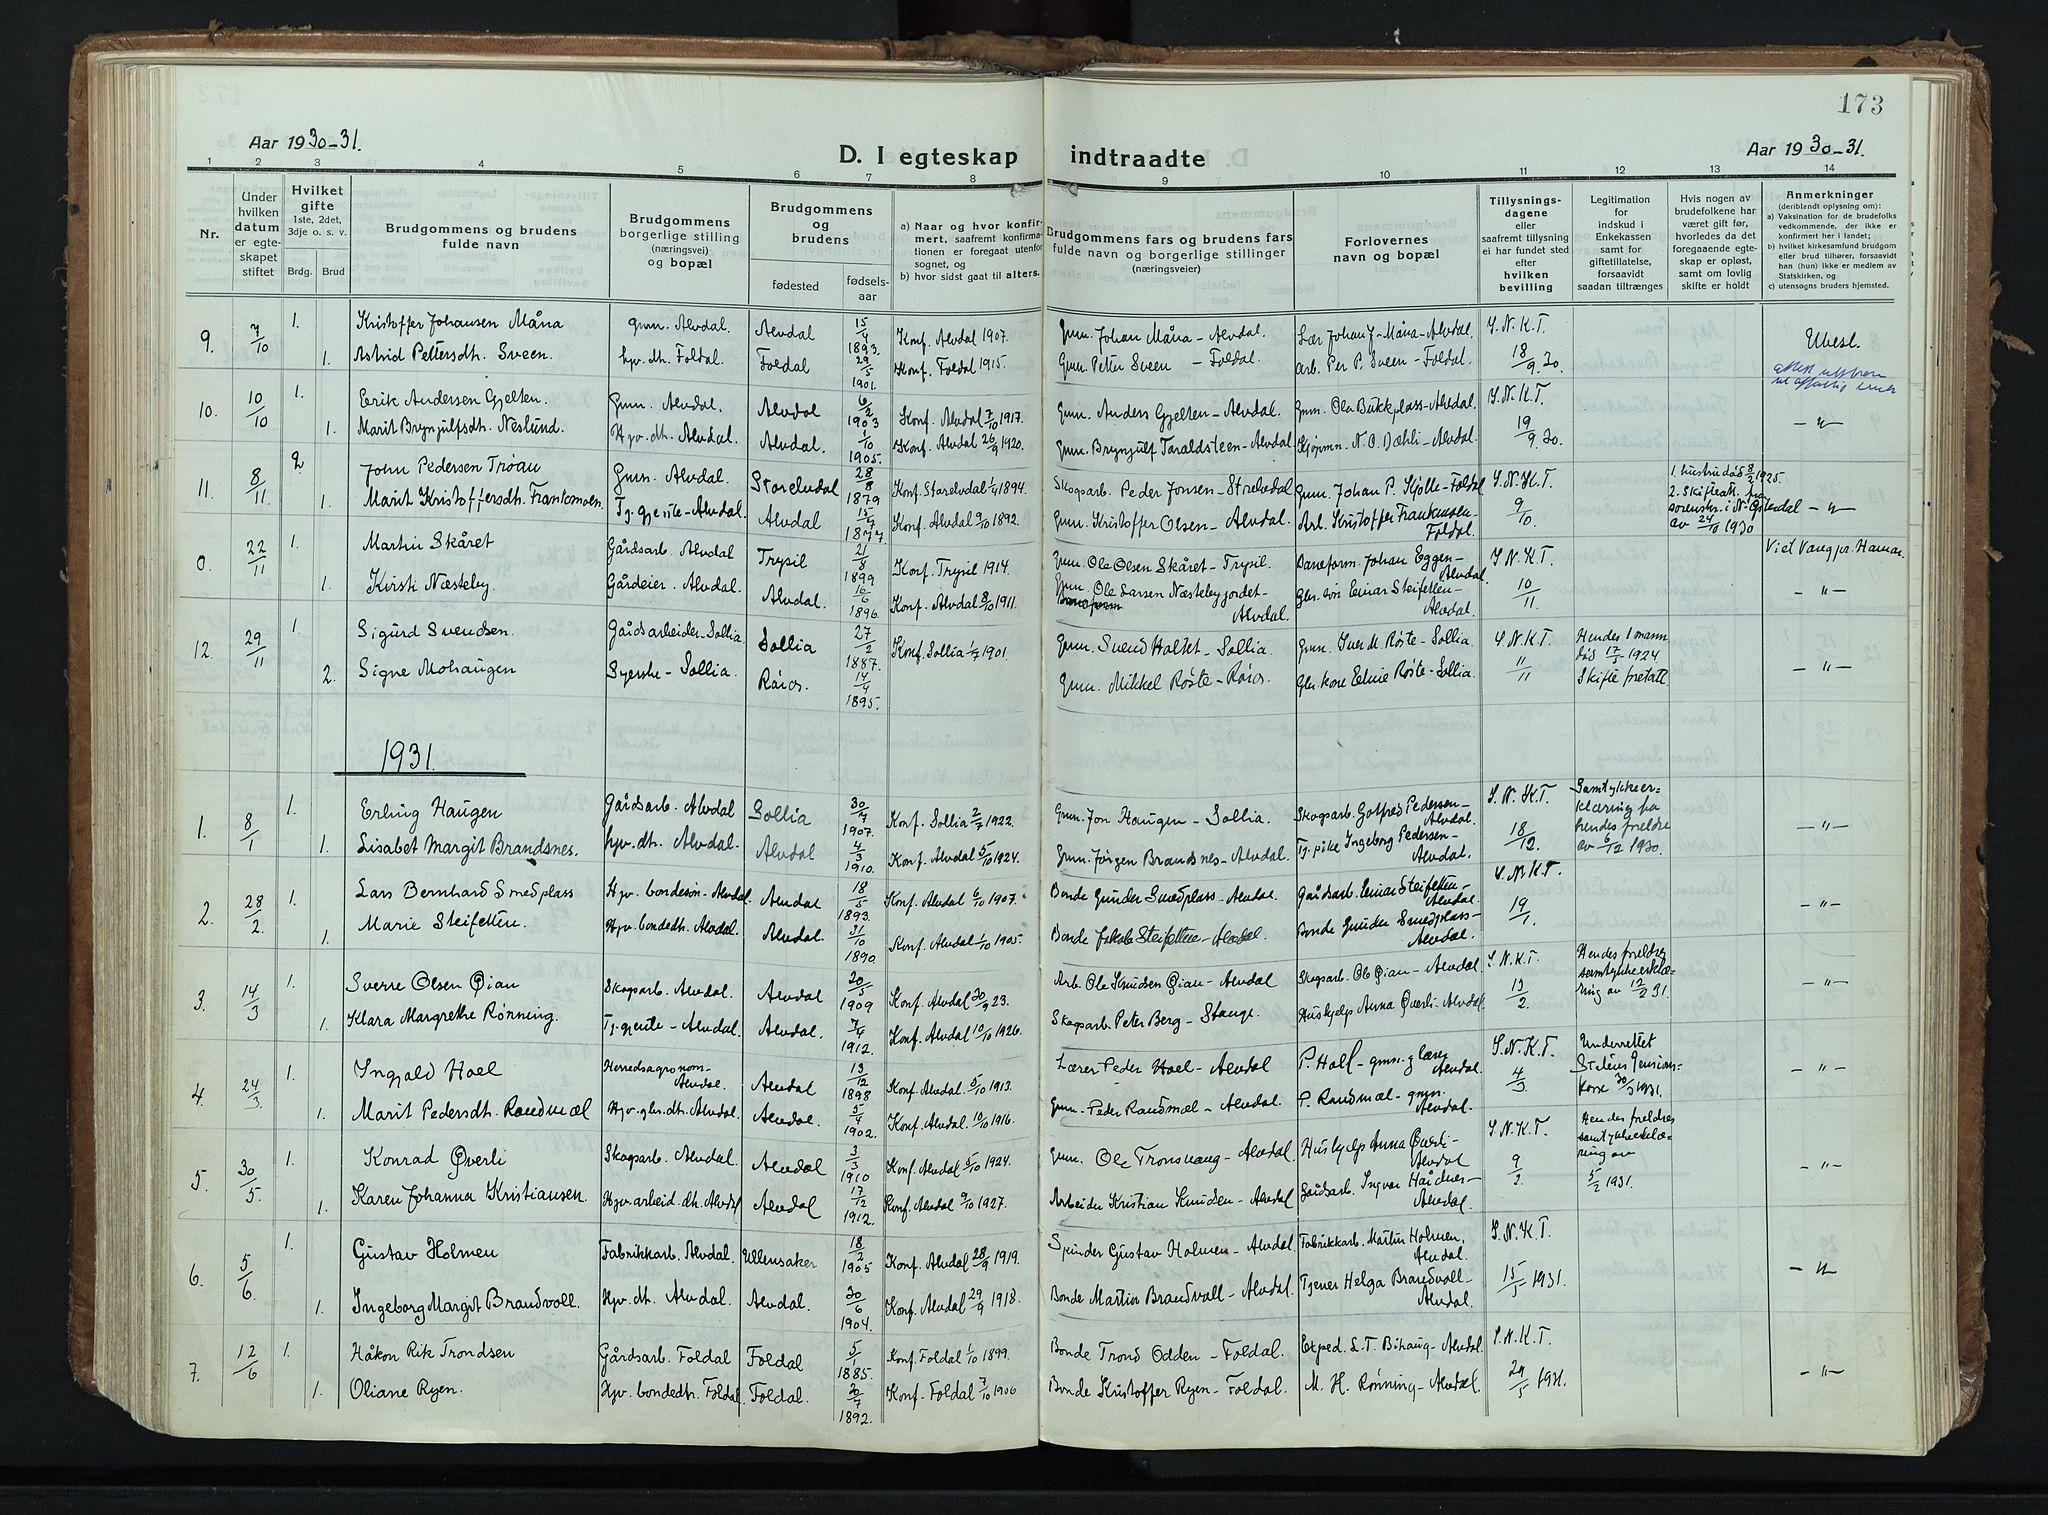 SAH, Alvdal prestekontor, Ministerialbok nr. 6, 1920-1937, s. 173